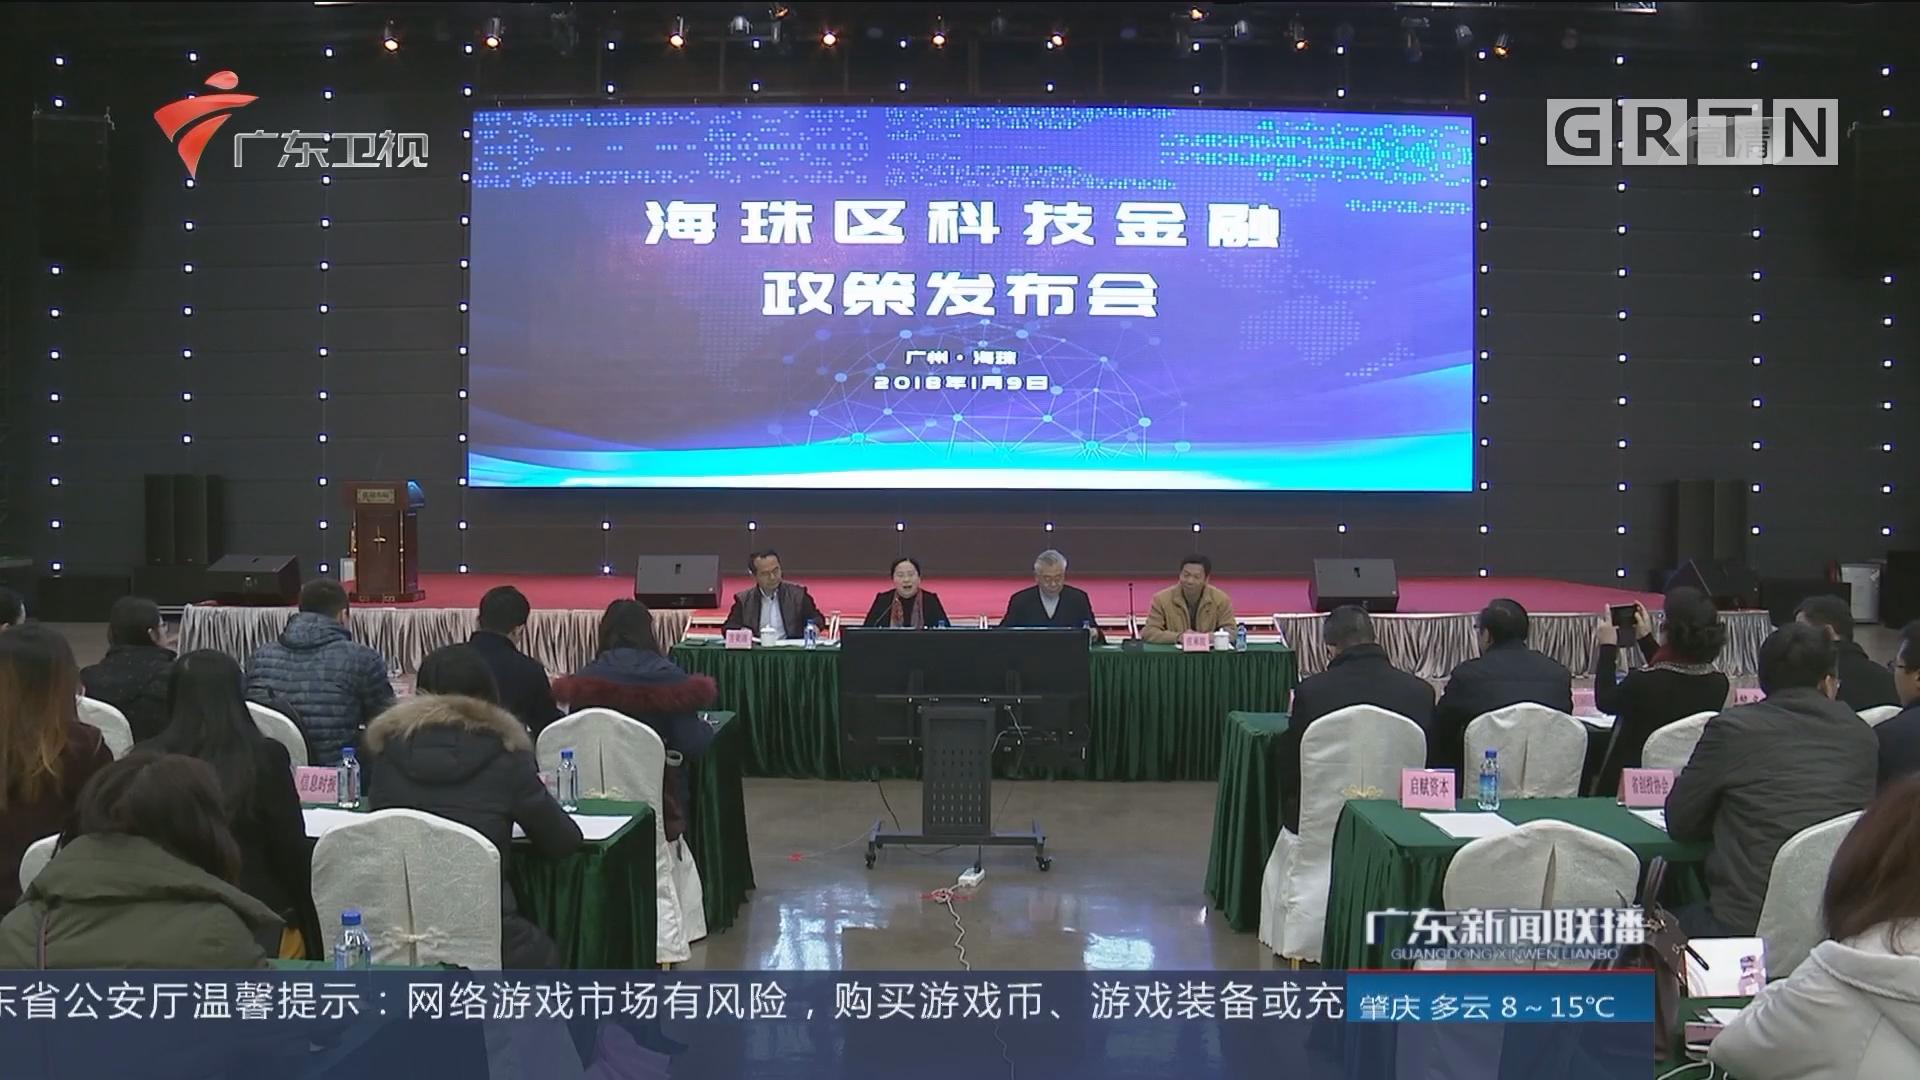 广州:创新创业可获集中性投资后补助资金